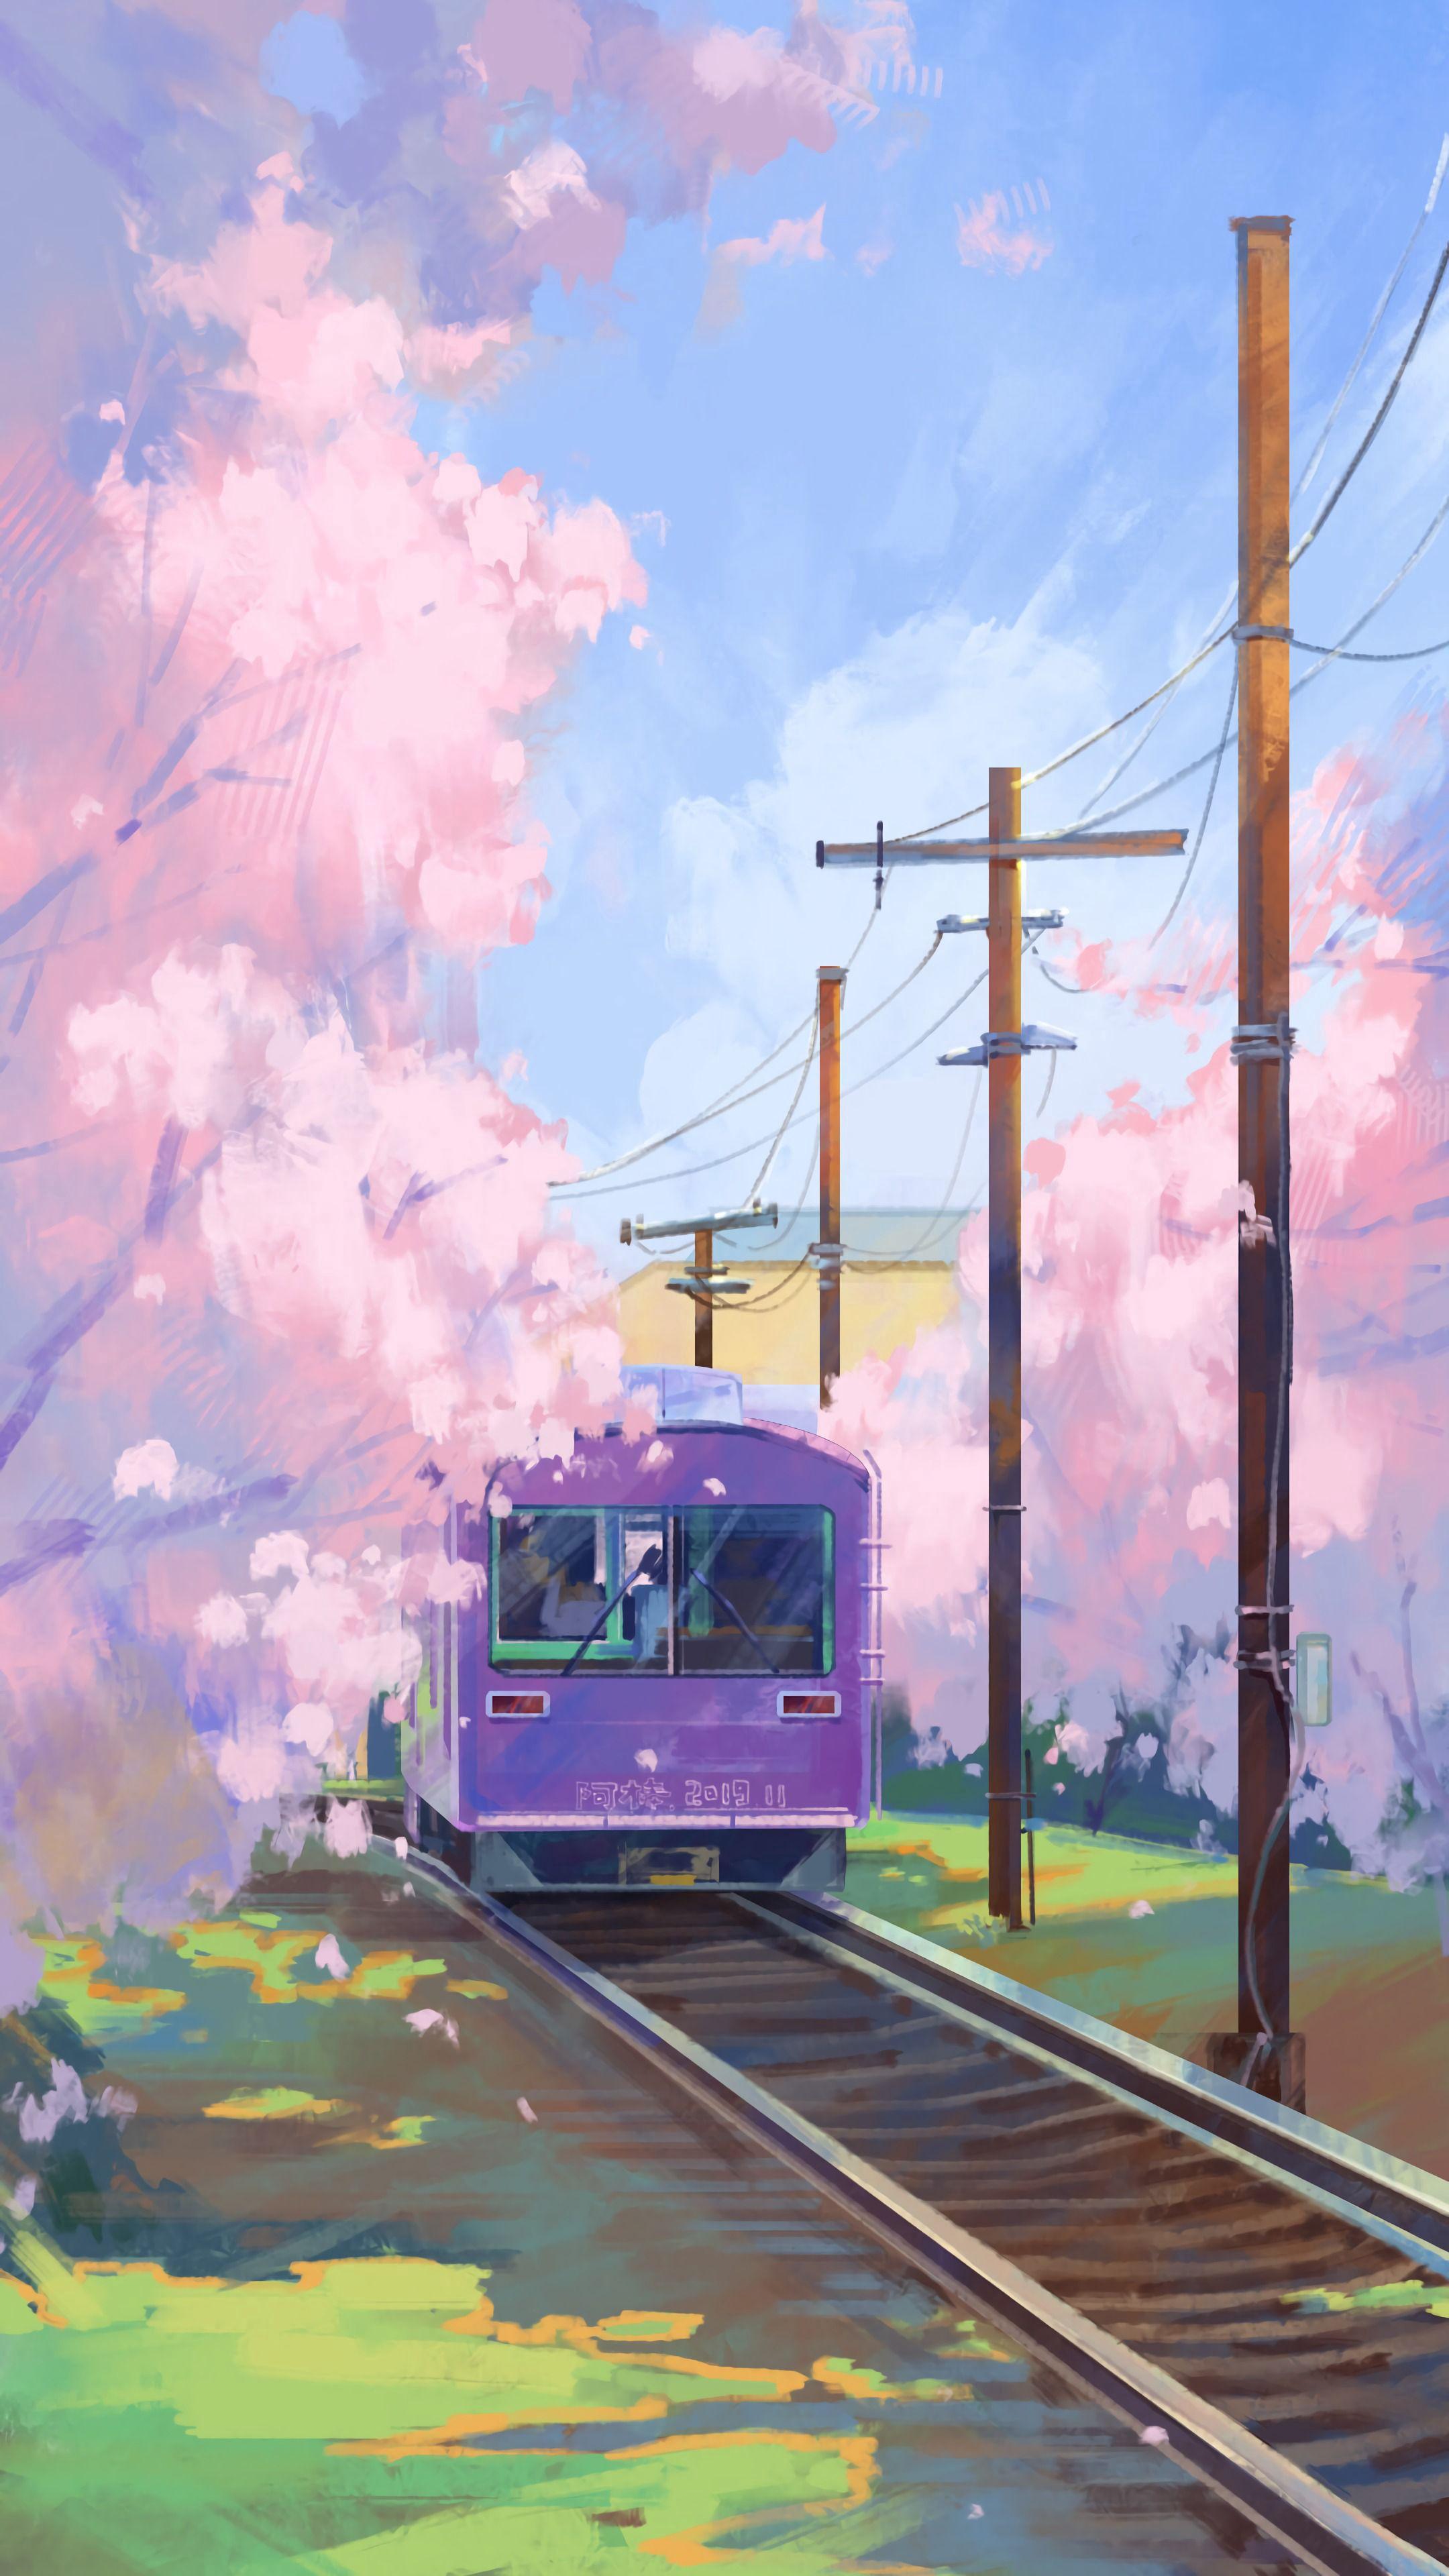 72194 скачать обои Поезд, Арт, Краска, Рельсы - заставки и картинки бесплатно